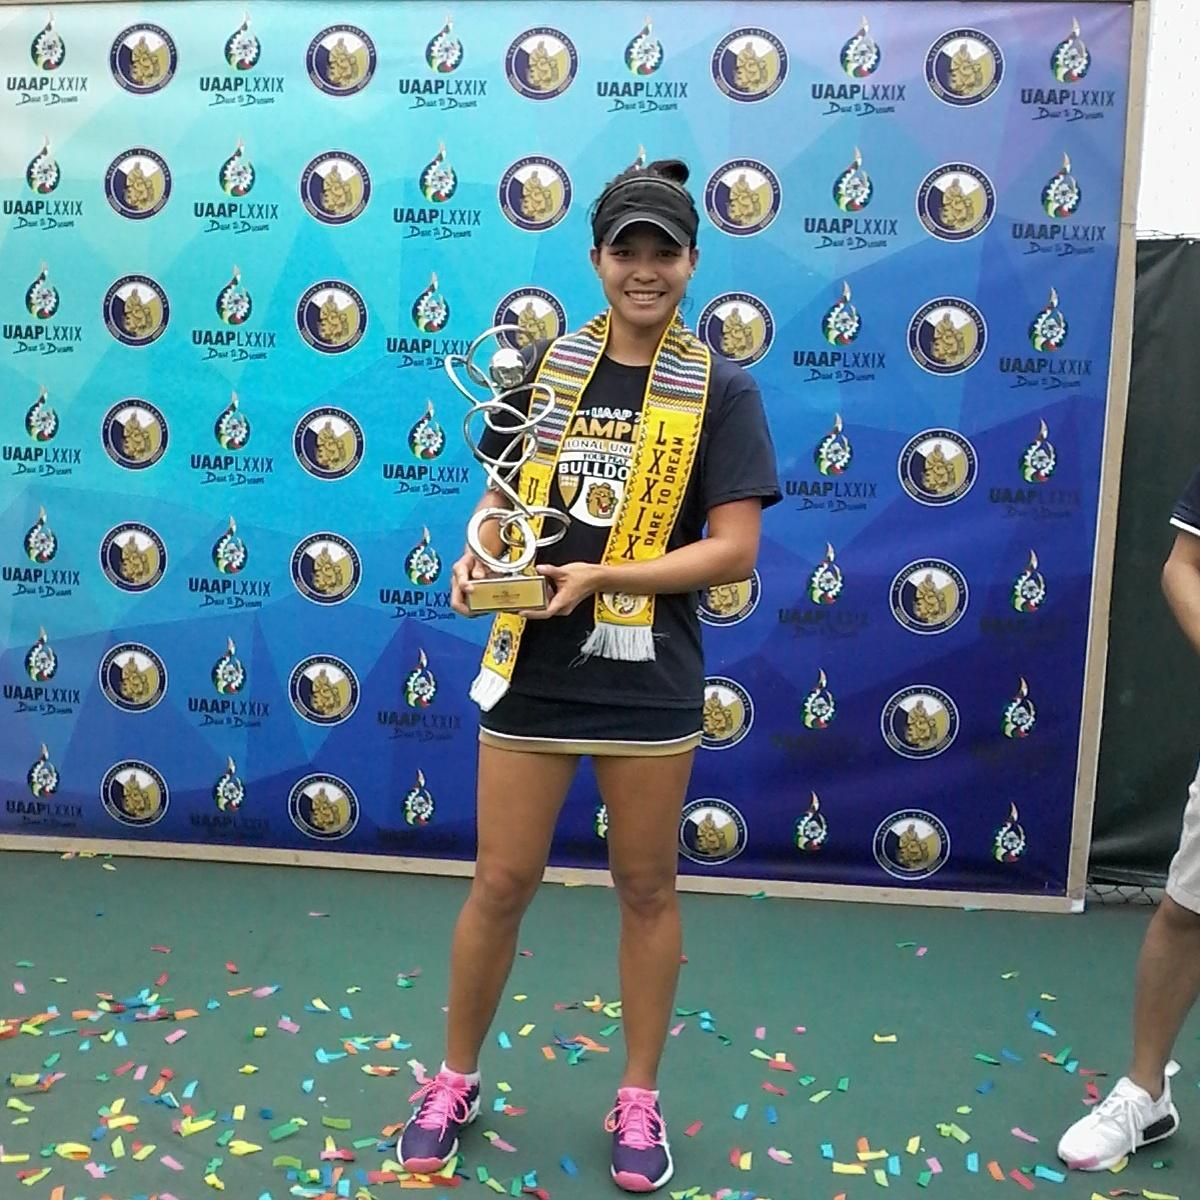 Lady Bulldogs complete 4-peat in UAAP women's tennis